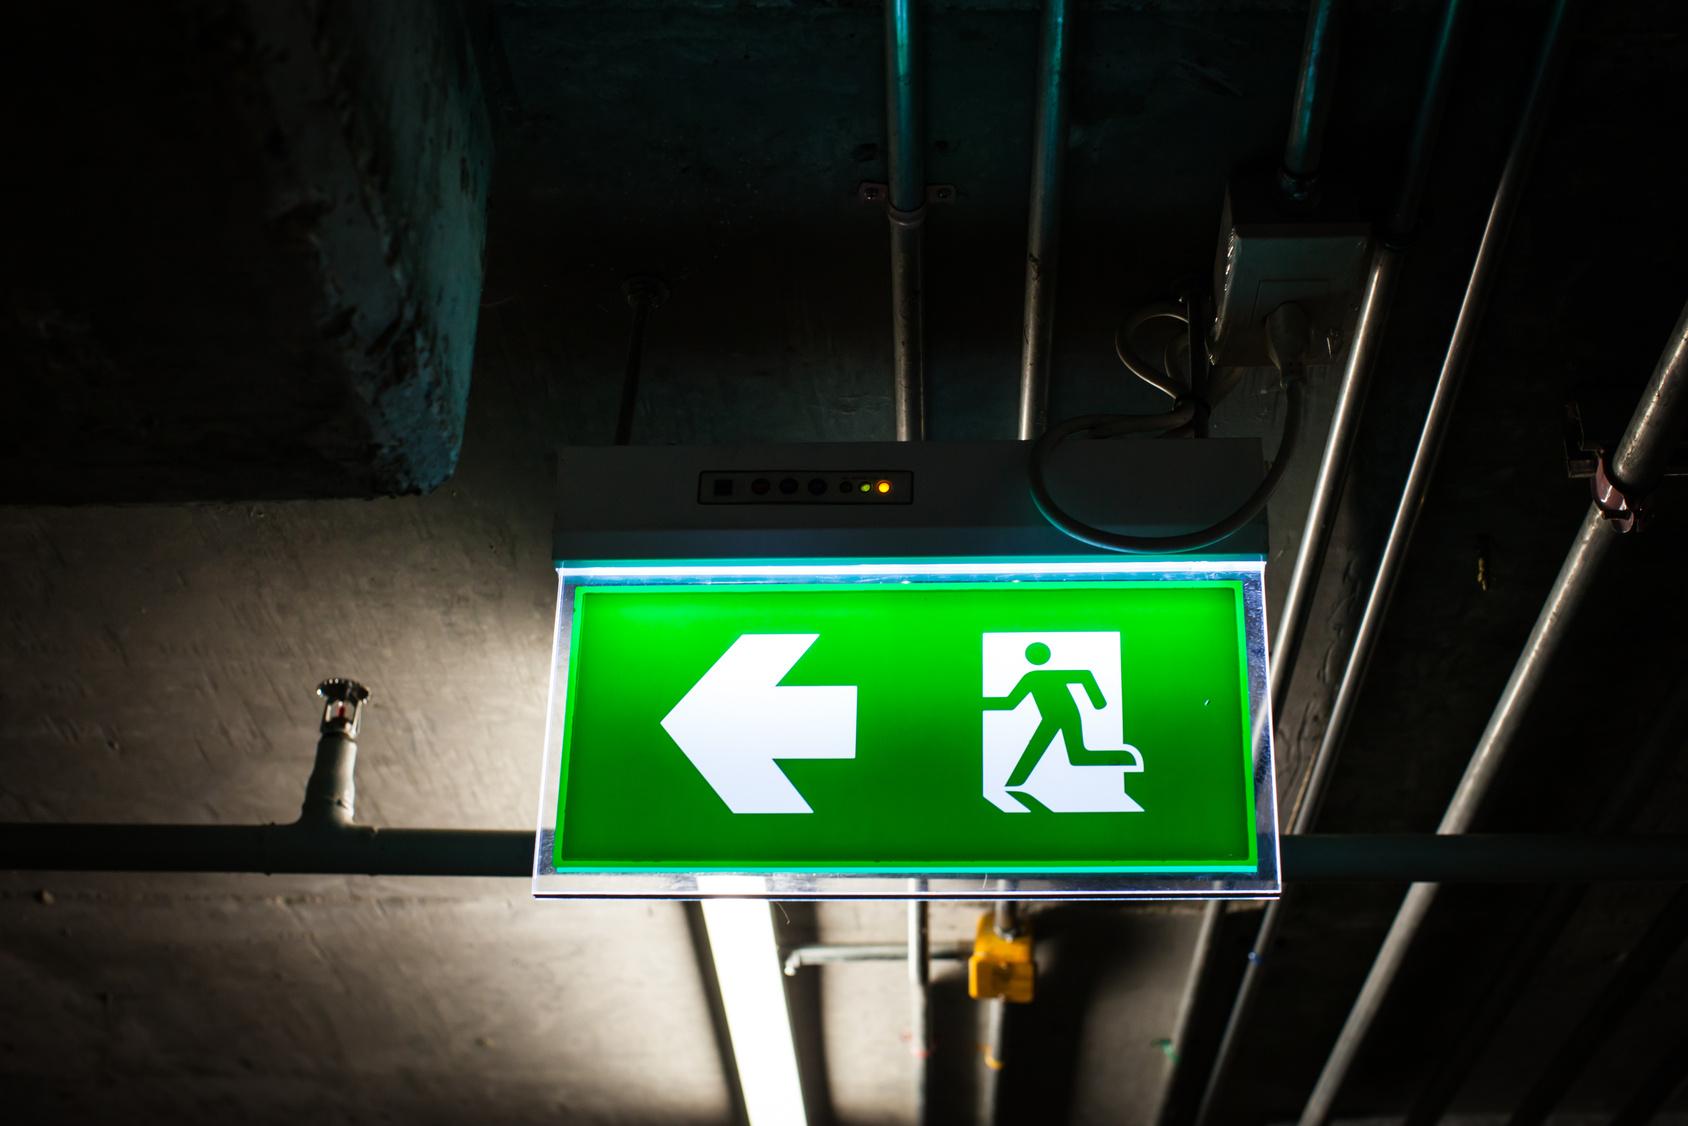 Biztonsági világítási rendszerek tervezése